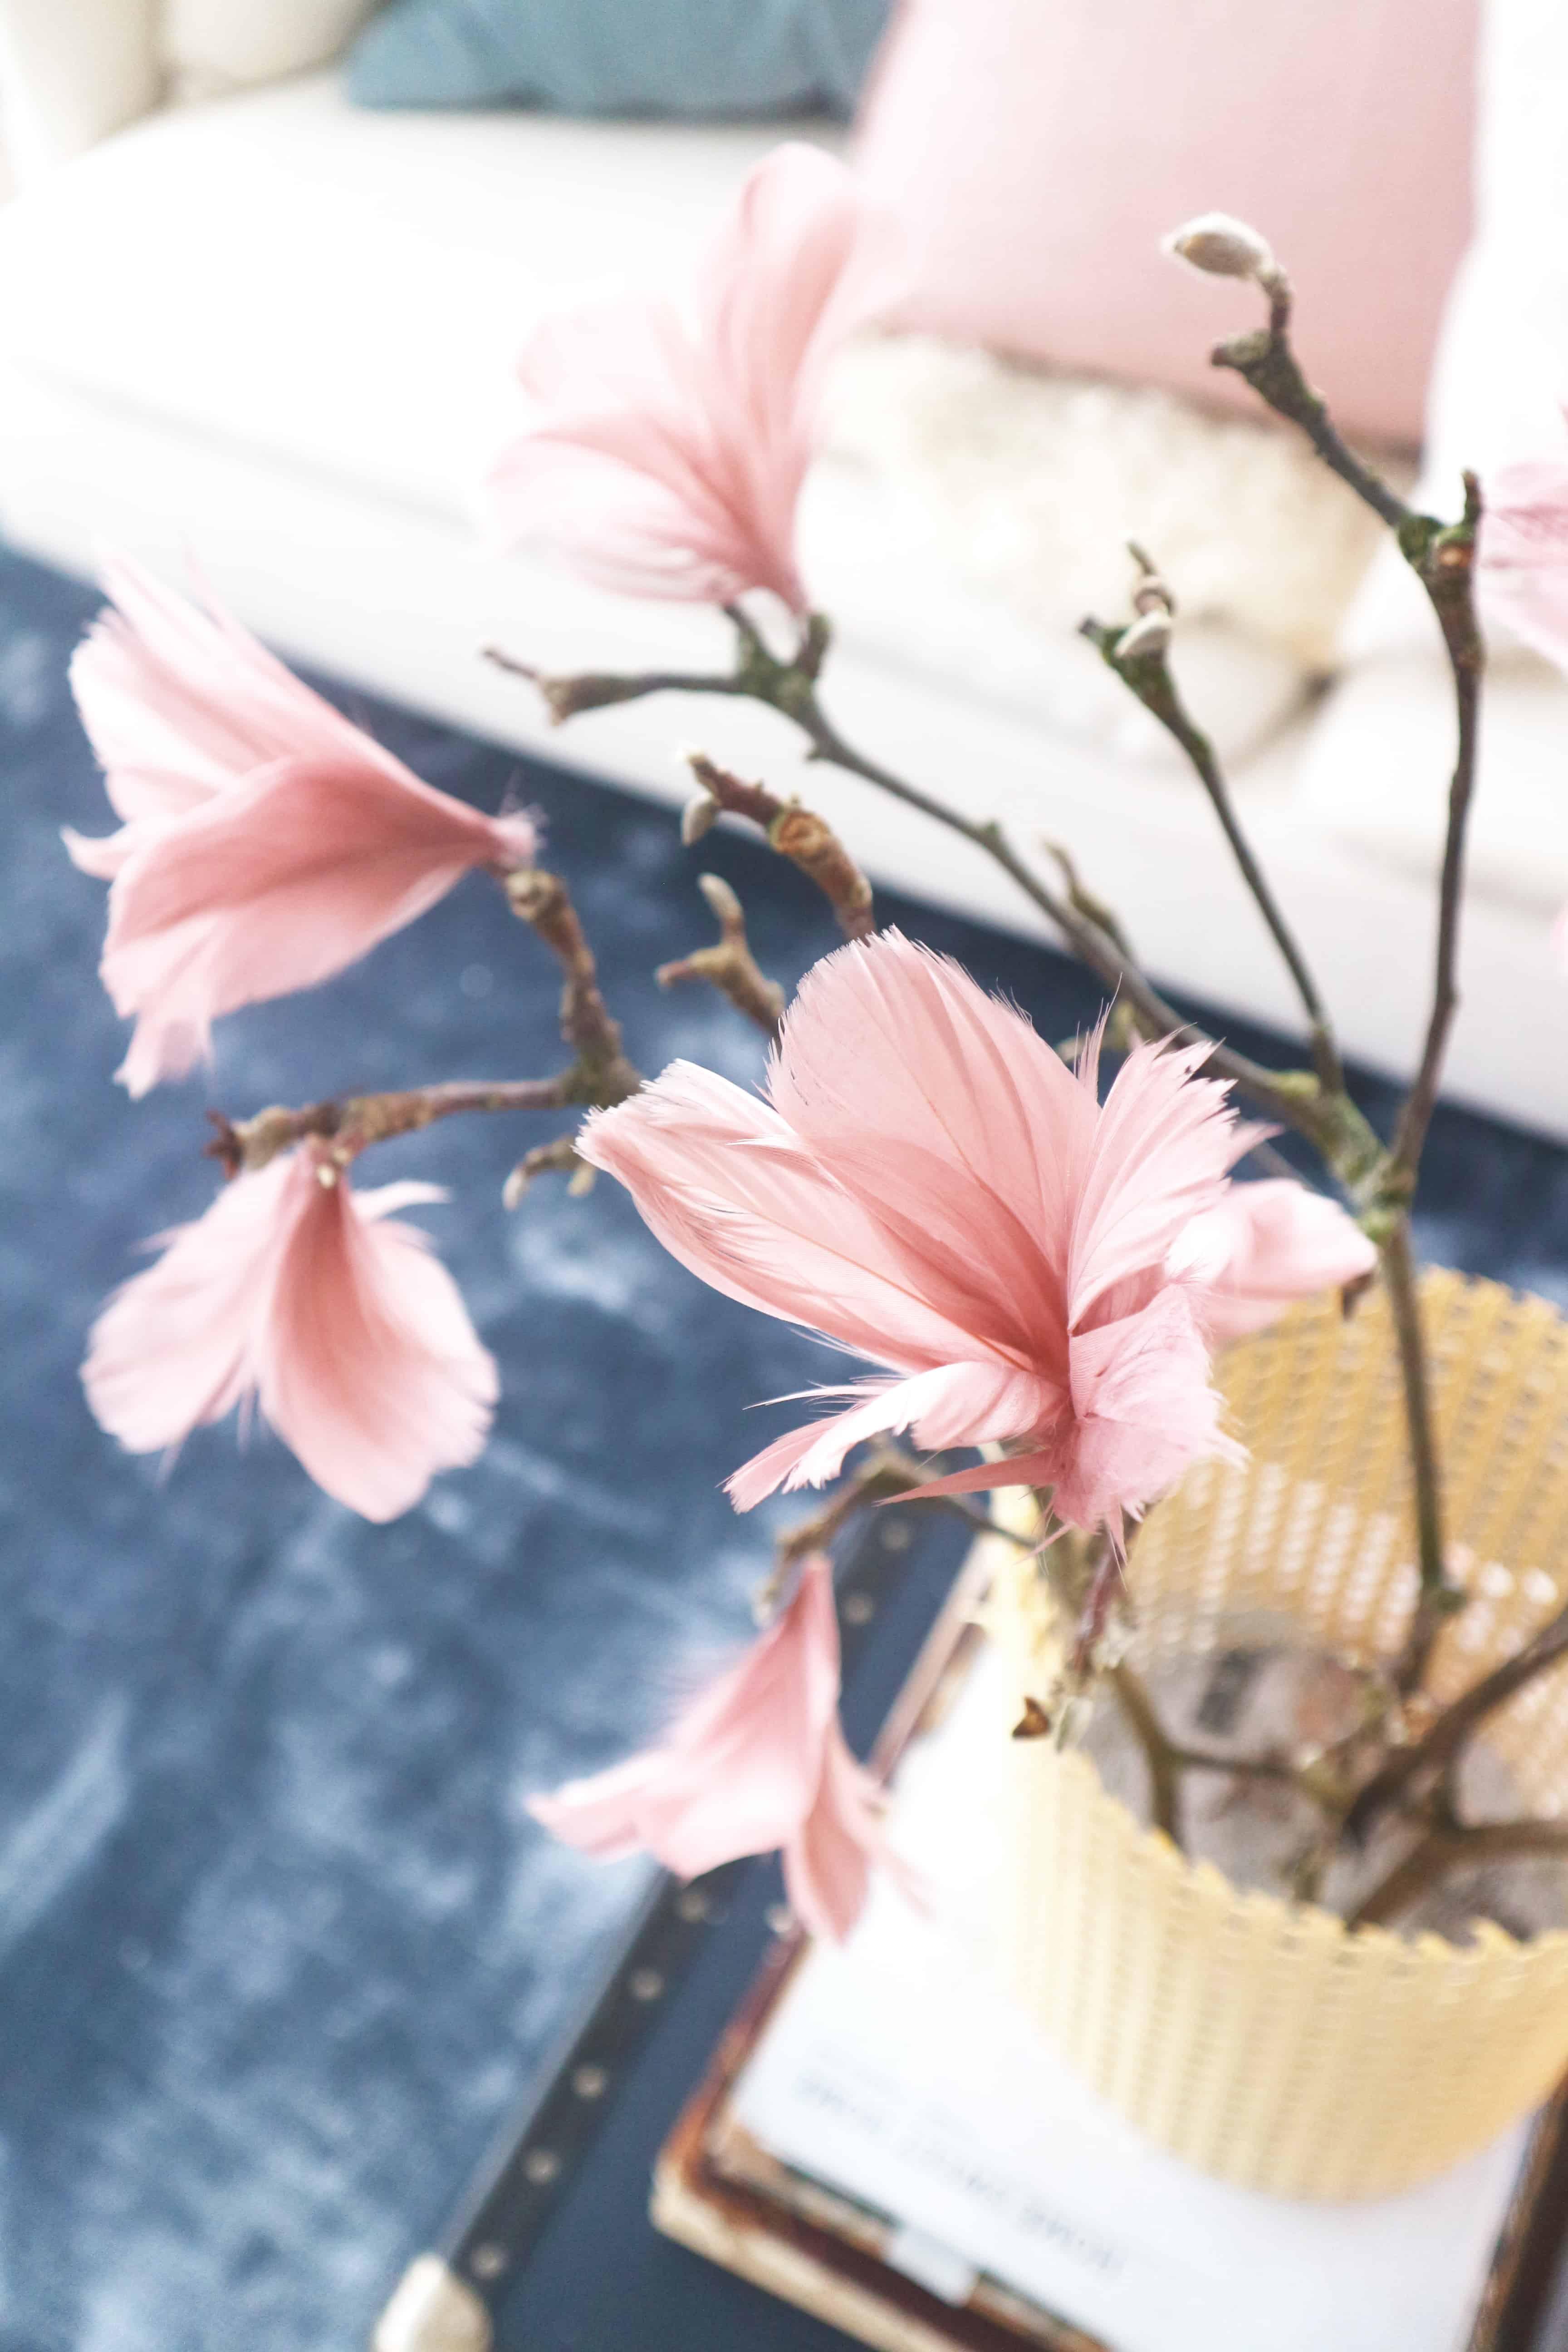 Förläng magnolians livslängd med schysta fjädrar som passar hela våren (inte bara i påsk)